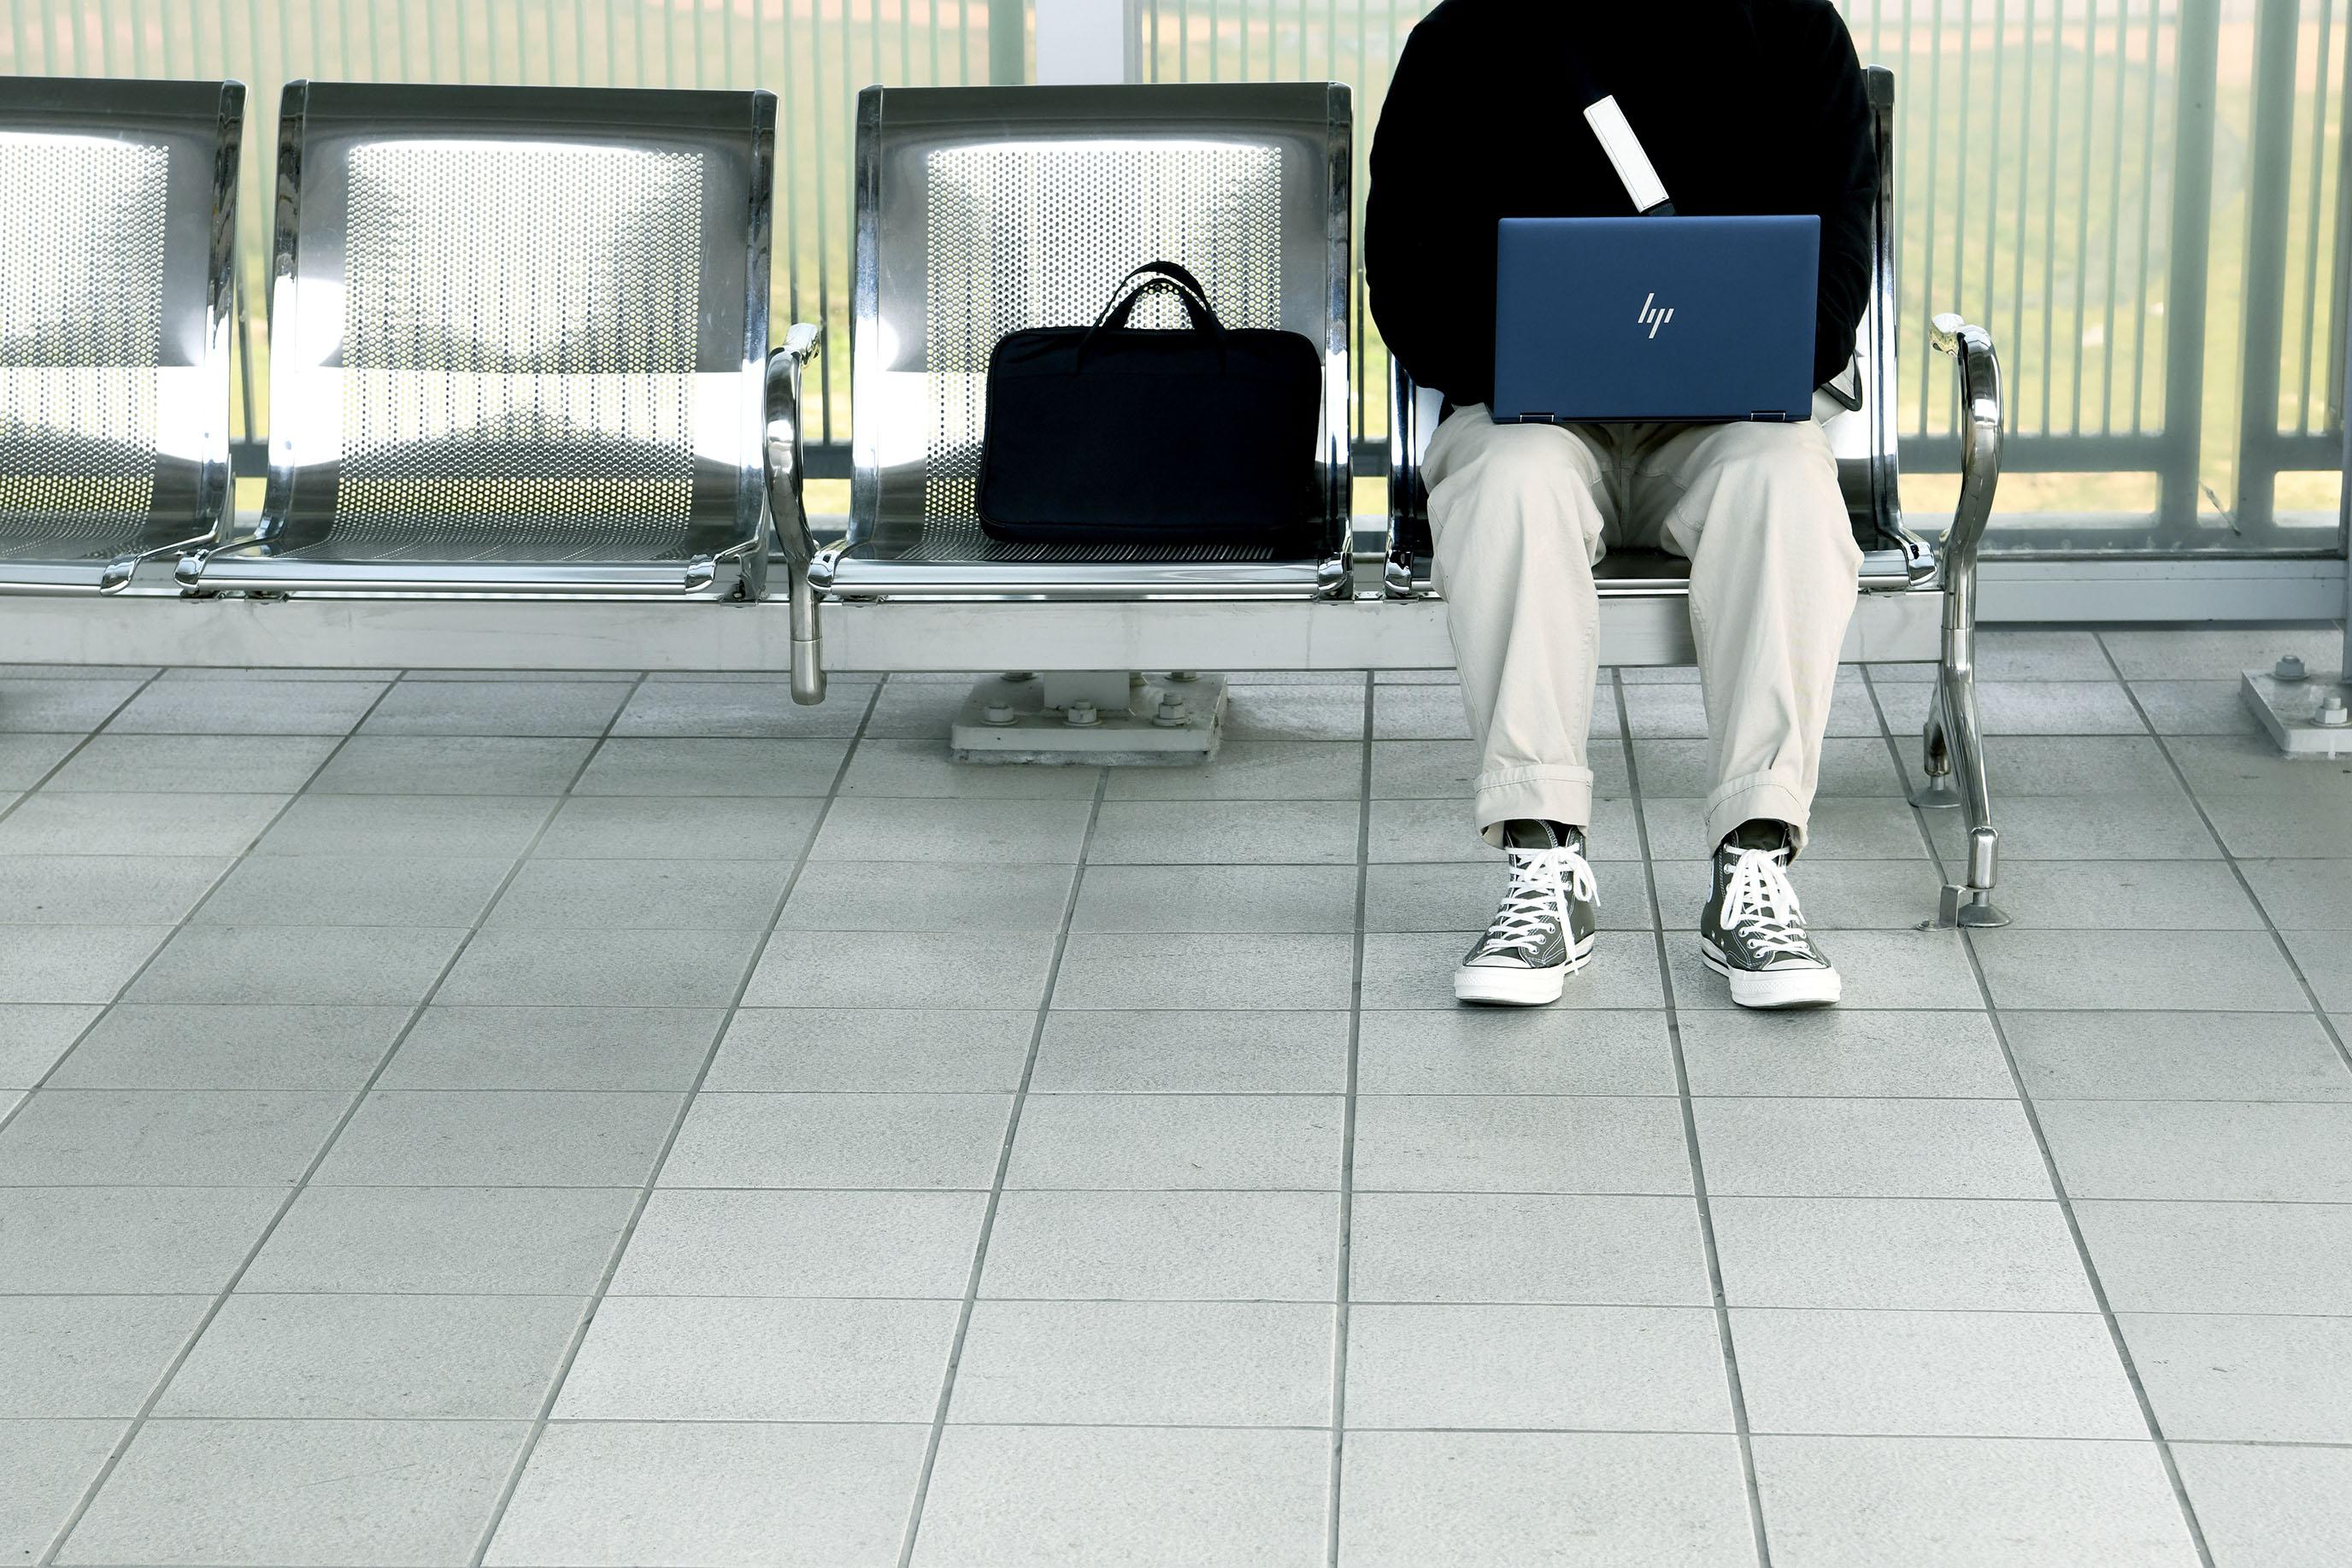 再忙也要出發旅行,理想生活不因工作犧牲|HP Elite Dragonfly @MENS 30S LIFE